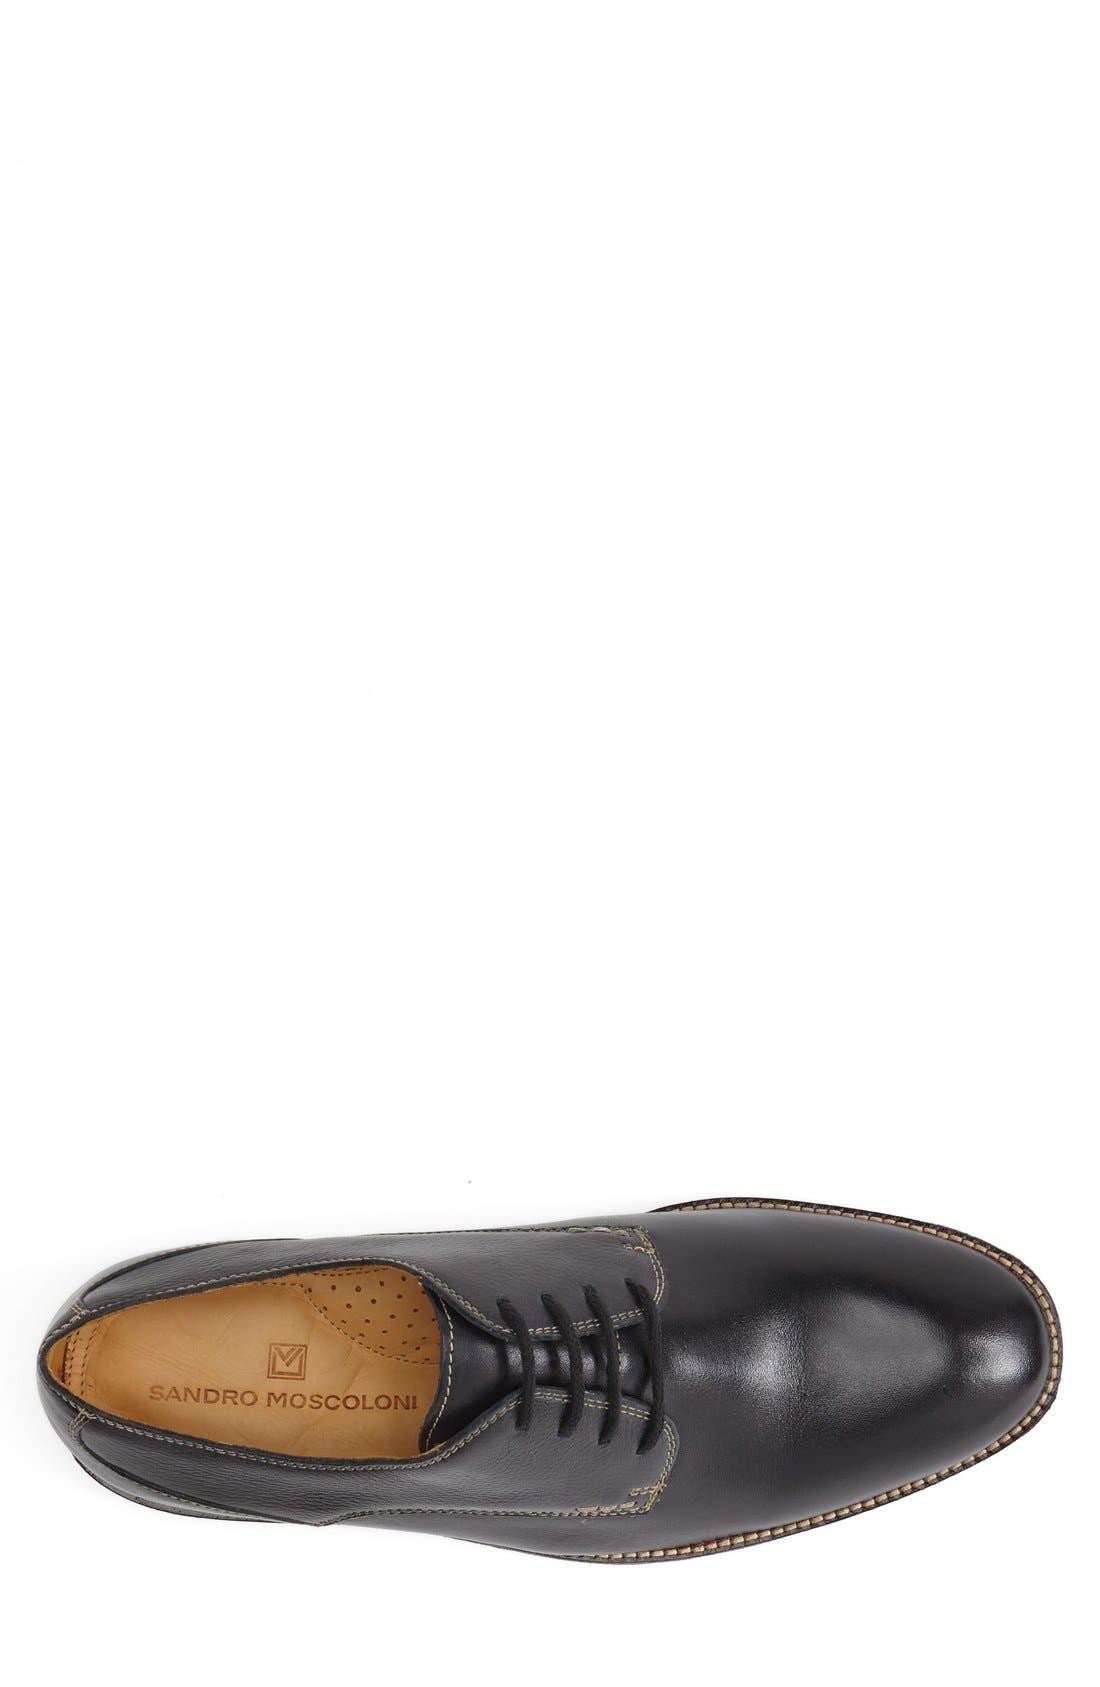 Alternate Image 3  - Sandro Moscoloni 'Olsen' Plain Toe Derby (Men)